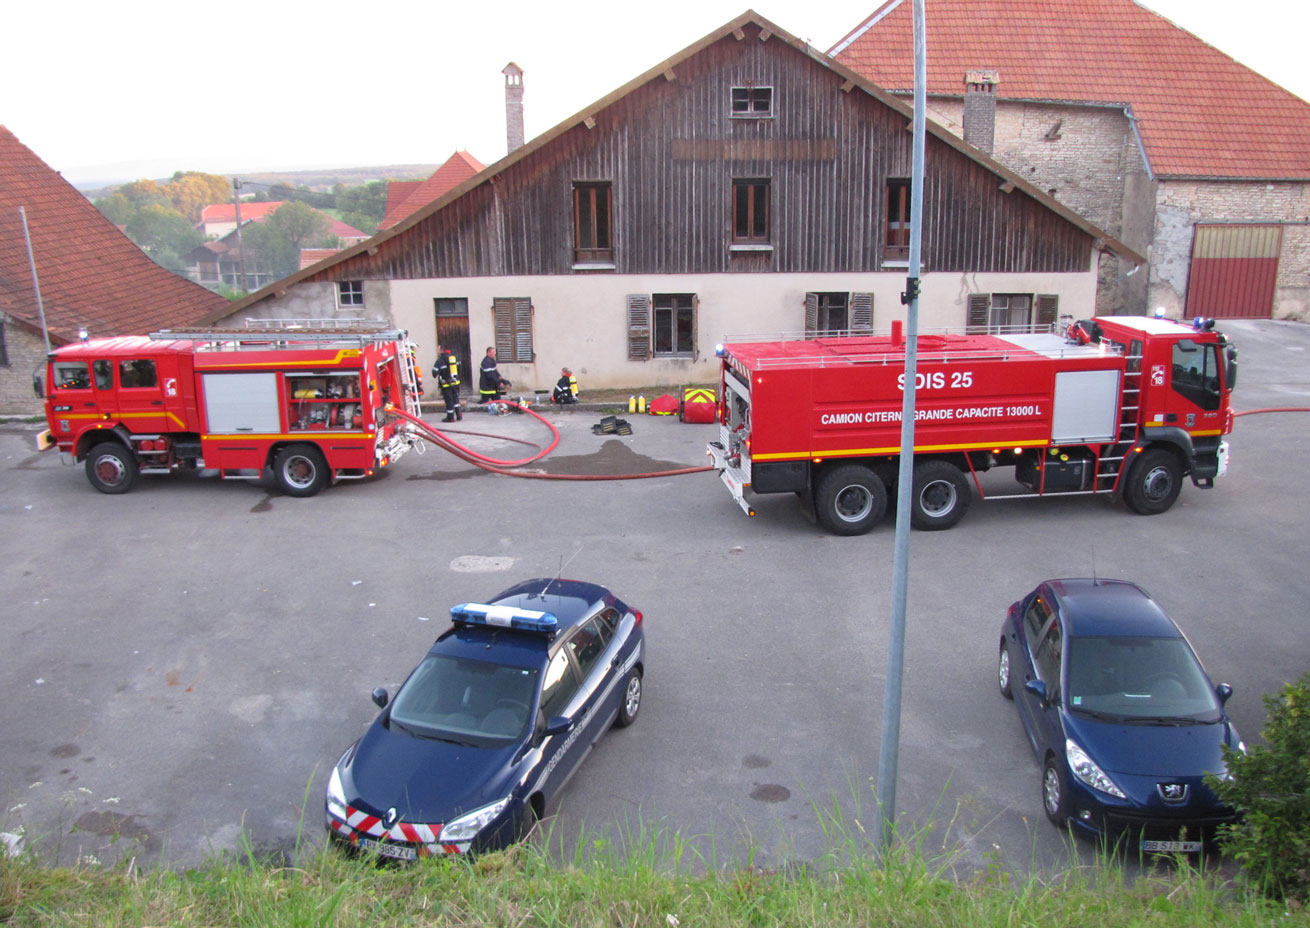 incendie1.jpg - 258.94 Ko